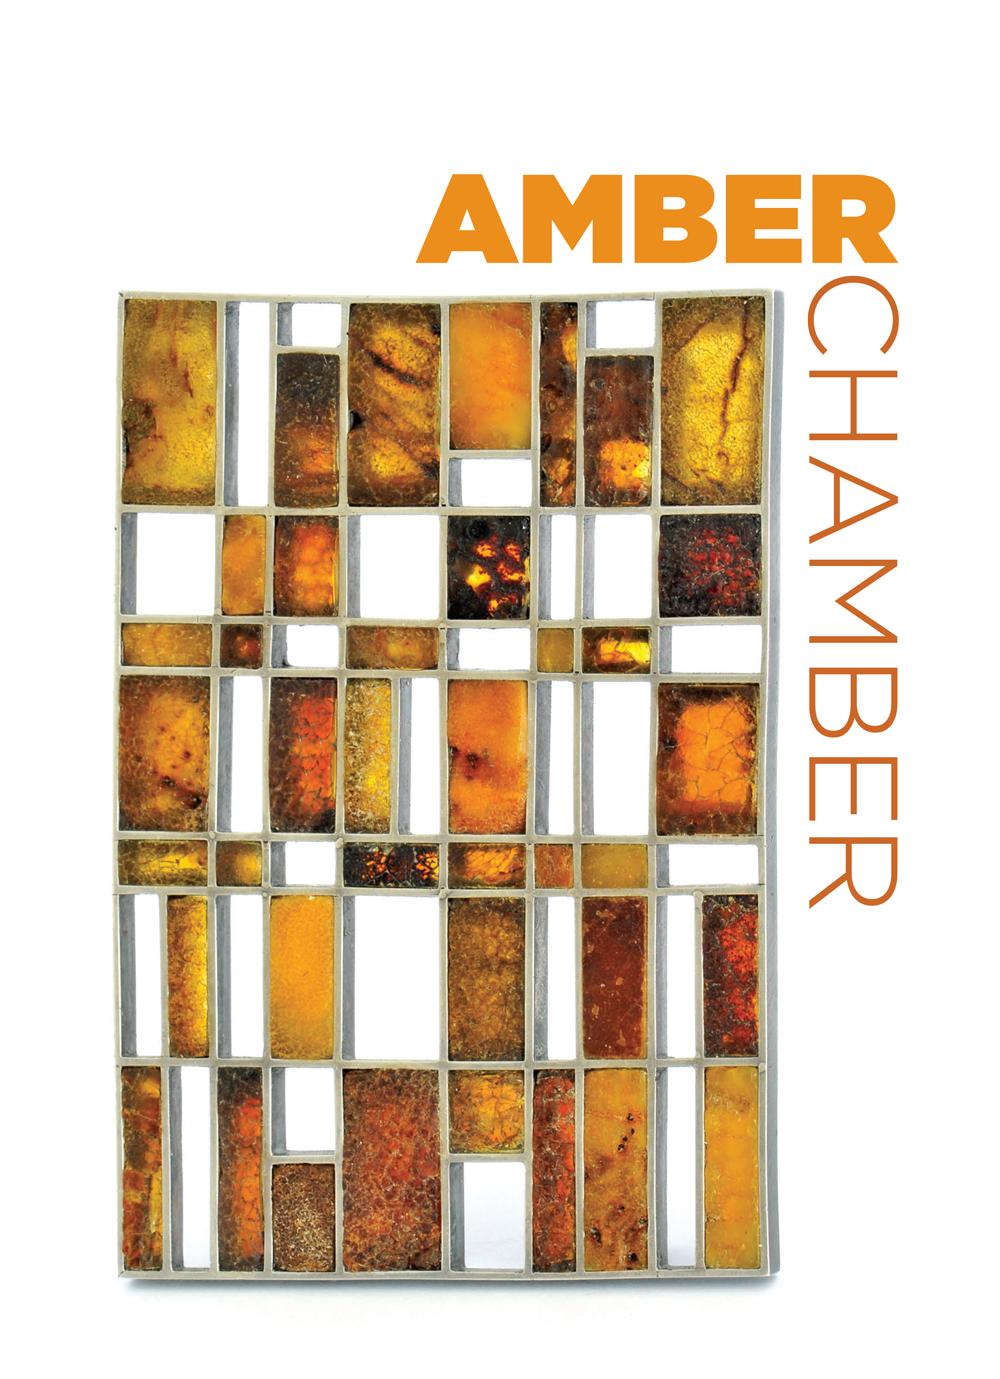 Amber chamber - velvet da Vinci